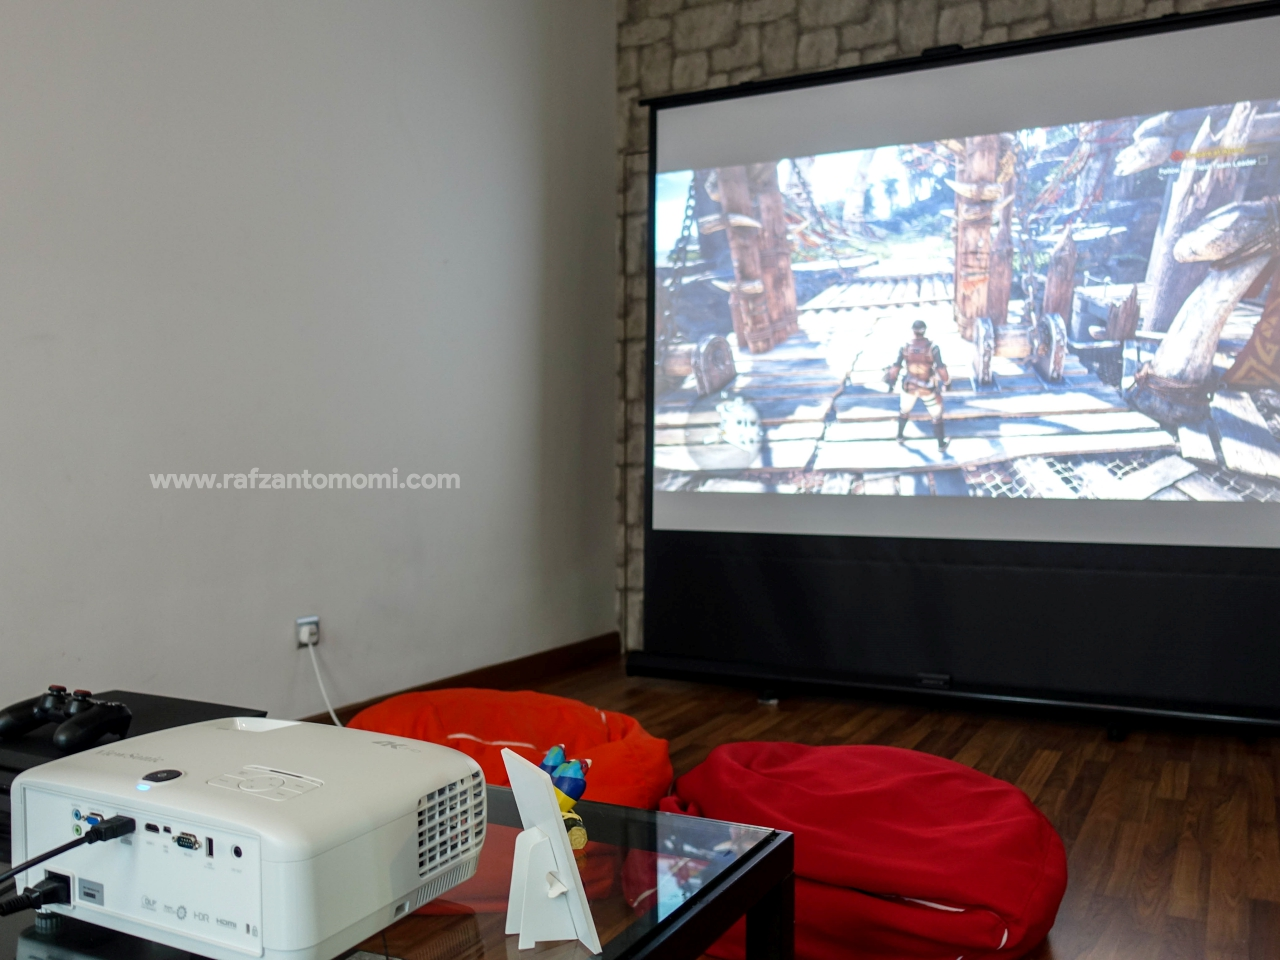 ViewSonic M1 - Projektor LED Ultra-Mudah Alih Yang Mudah Di Bawa Ke Mana Sahaja !